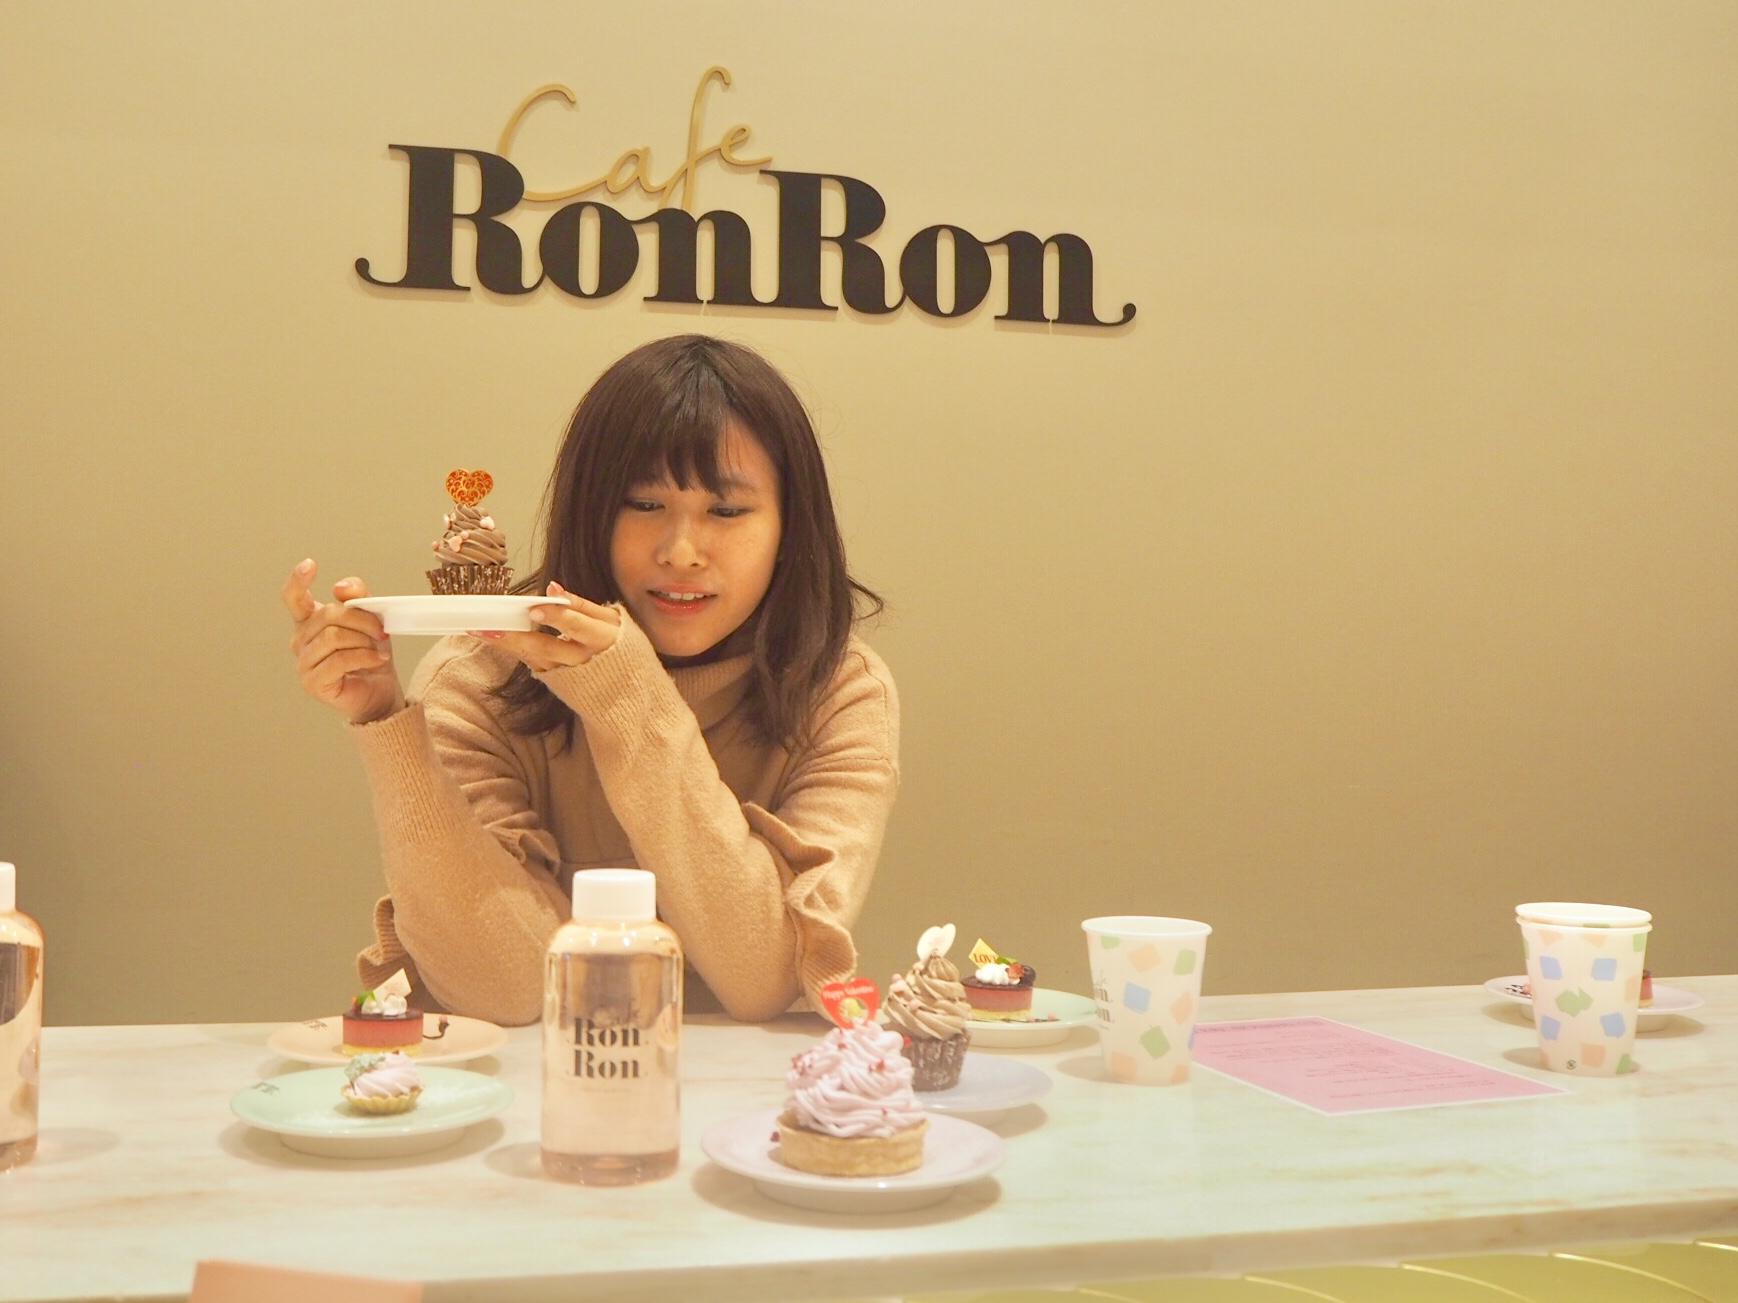 【cafe RON RON】回転スイーツカフェはバレンタインメニューもかわいい!_2